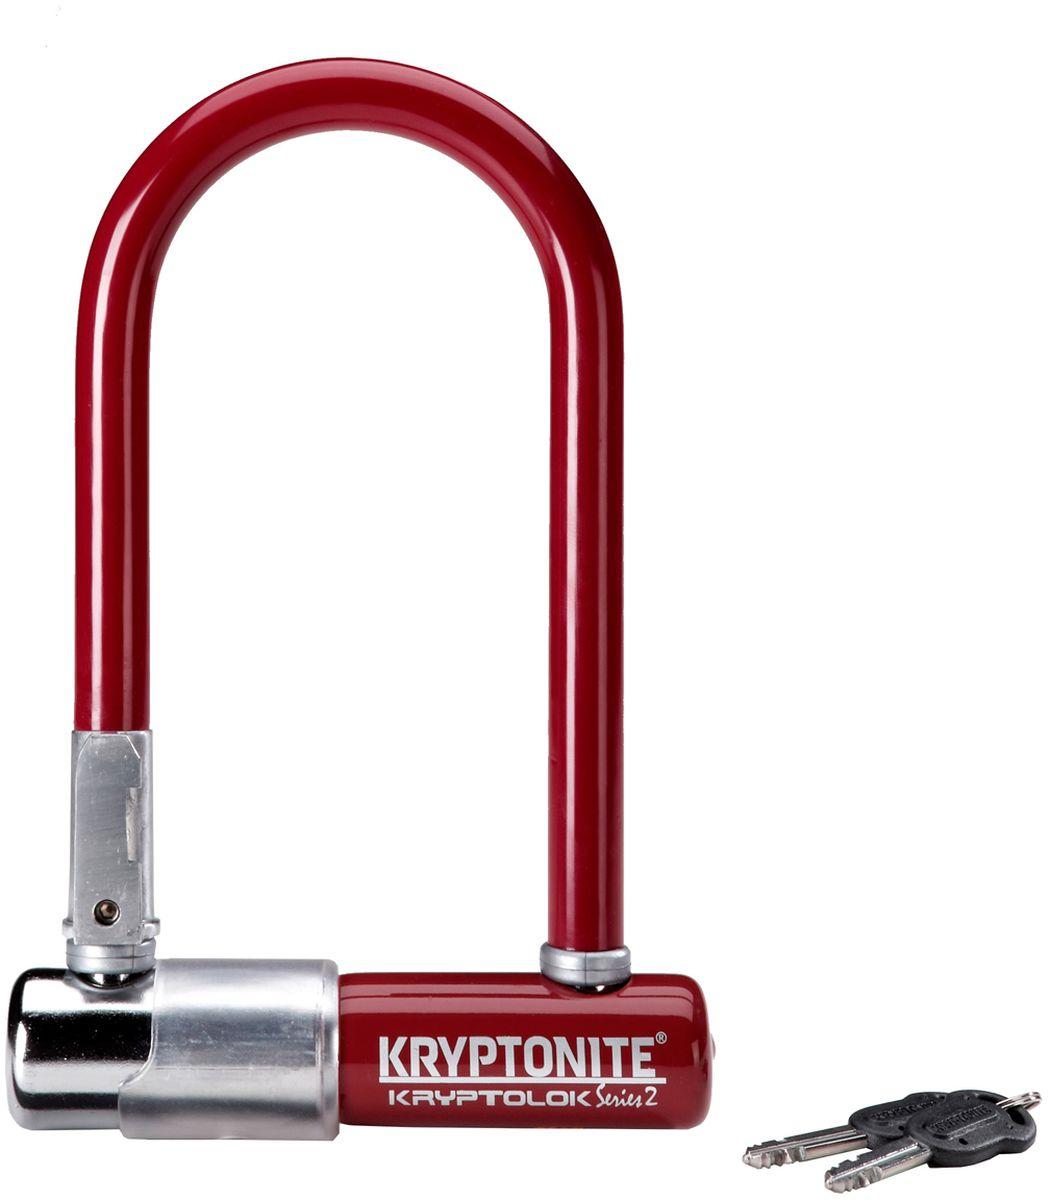 Замок велосипедный Kryptonite U-locks KryptoLok Series 2 Mini-7, цвет: бордовый0720018001522Велозамок Kryptonite Kryptolok series 2 Mini-7 Orange — компактный размер, надёжность и яркая цветовая гамма. Уникальный набор ключей, 13-ти миллиметровая дужка и двойная конструкция засова гарантированно не поддадутся кусачкам и взлому. Благодаря своим габаритам, u-lock легко возить с собой в сумке или за ремнем. - 13 мм закаленная стальная скоба - Система Transit Flex Frame-U для крепления к раме байка - Виниловое покрытие, не оставляющее царапин на раме - Защита от стука и шума - Защита от пыли и влаги - В комплекте идет 2 ключа - Программа Key Safe (возможность заказа нового ключа) - Silver Sold Secure (классификация надежности замков в Европе) - Уровень защиты 6 из 10 Диаметр дуги замка: 13 мм Размеры замка: 8,2 х 17 см Вес модели: 1,11 кг.